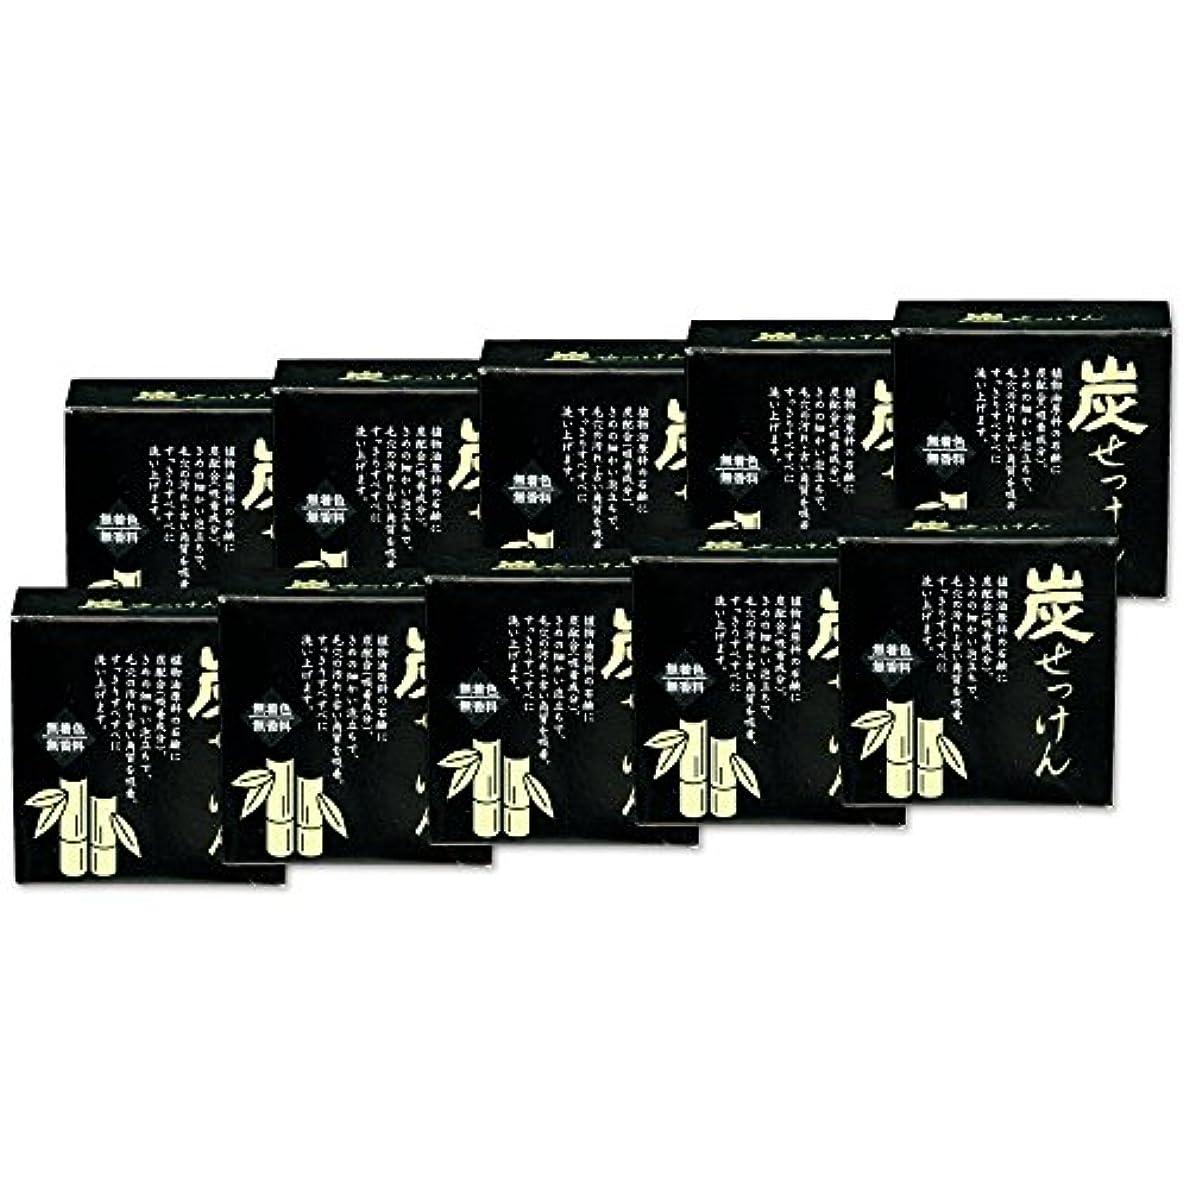 ようこそ川守る竹炭の里 炭せっけん 無香料 無着色 100g 10個セット 累計販売100万個突破の人気商品。